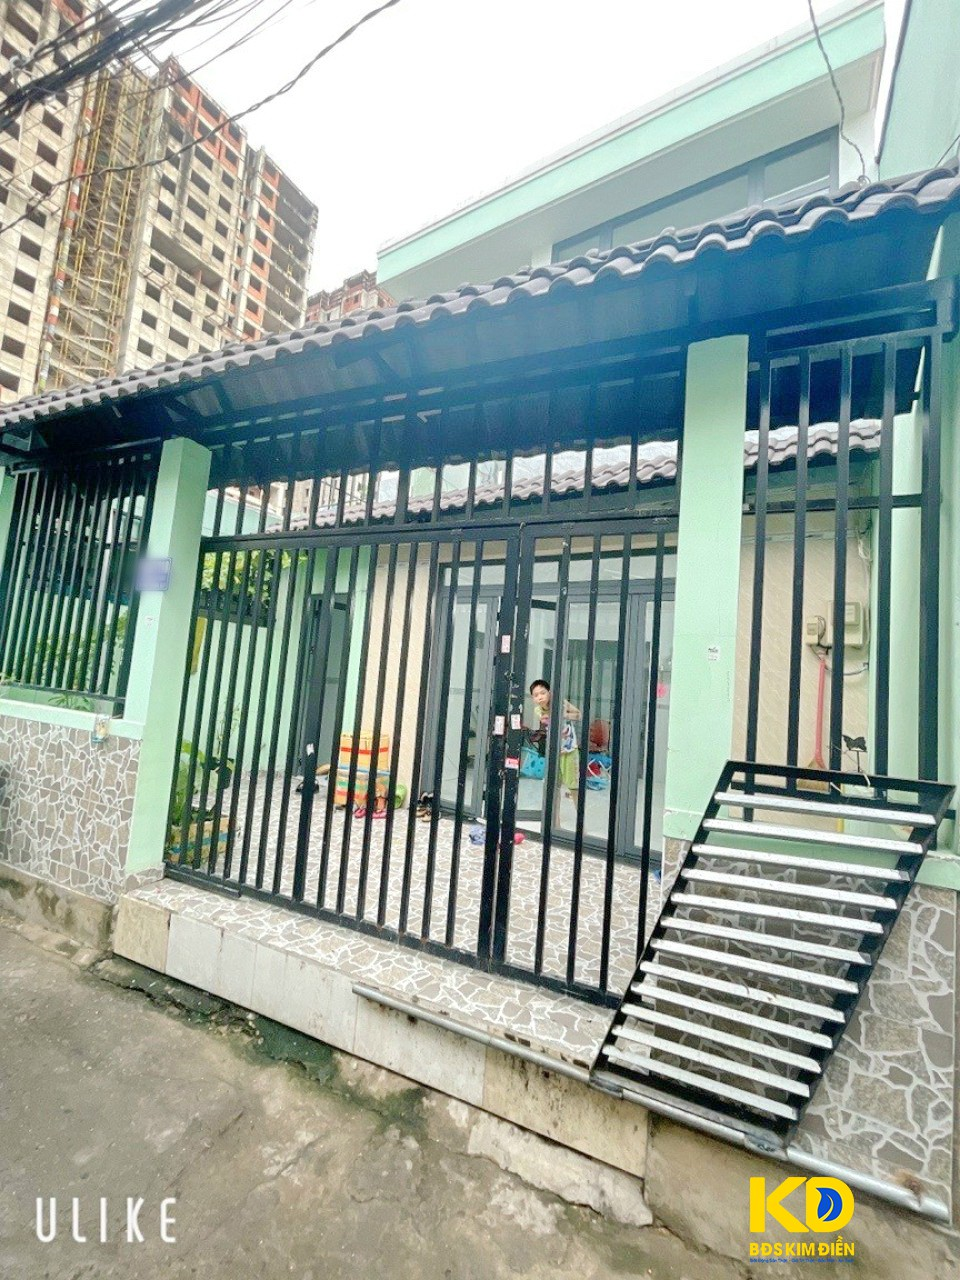 Bán nhà hẻm 3m 1247 đường Huỳnh Tấn Phát P. Phú Thuận Quận 7